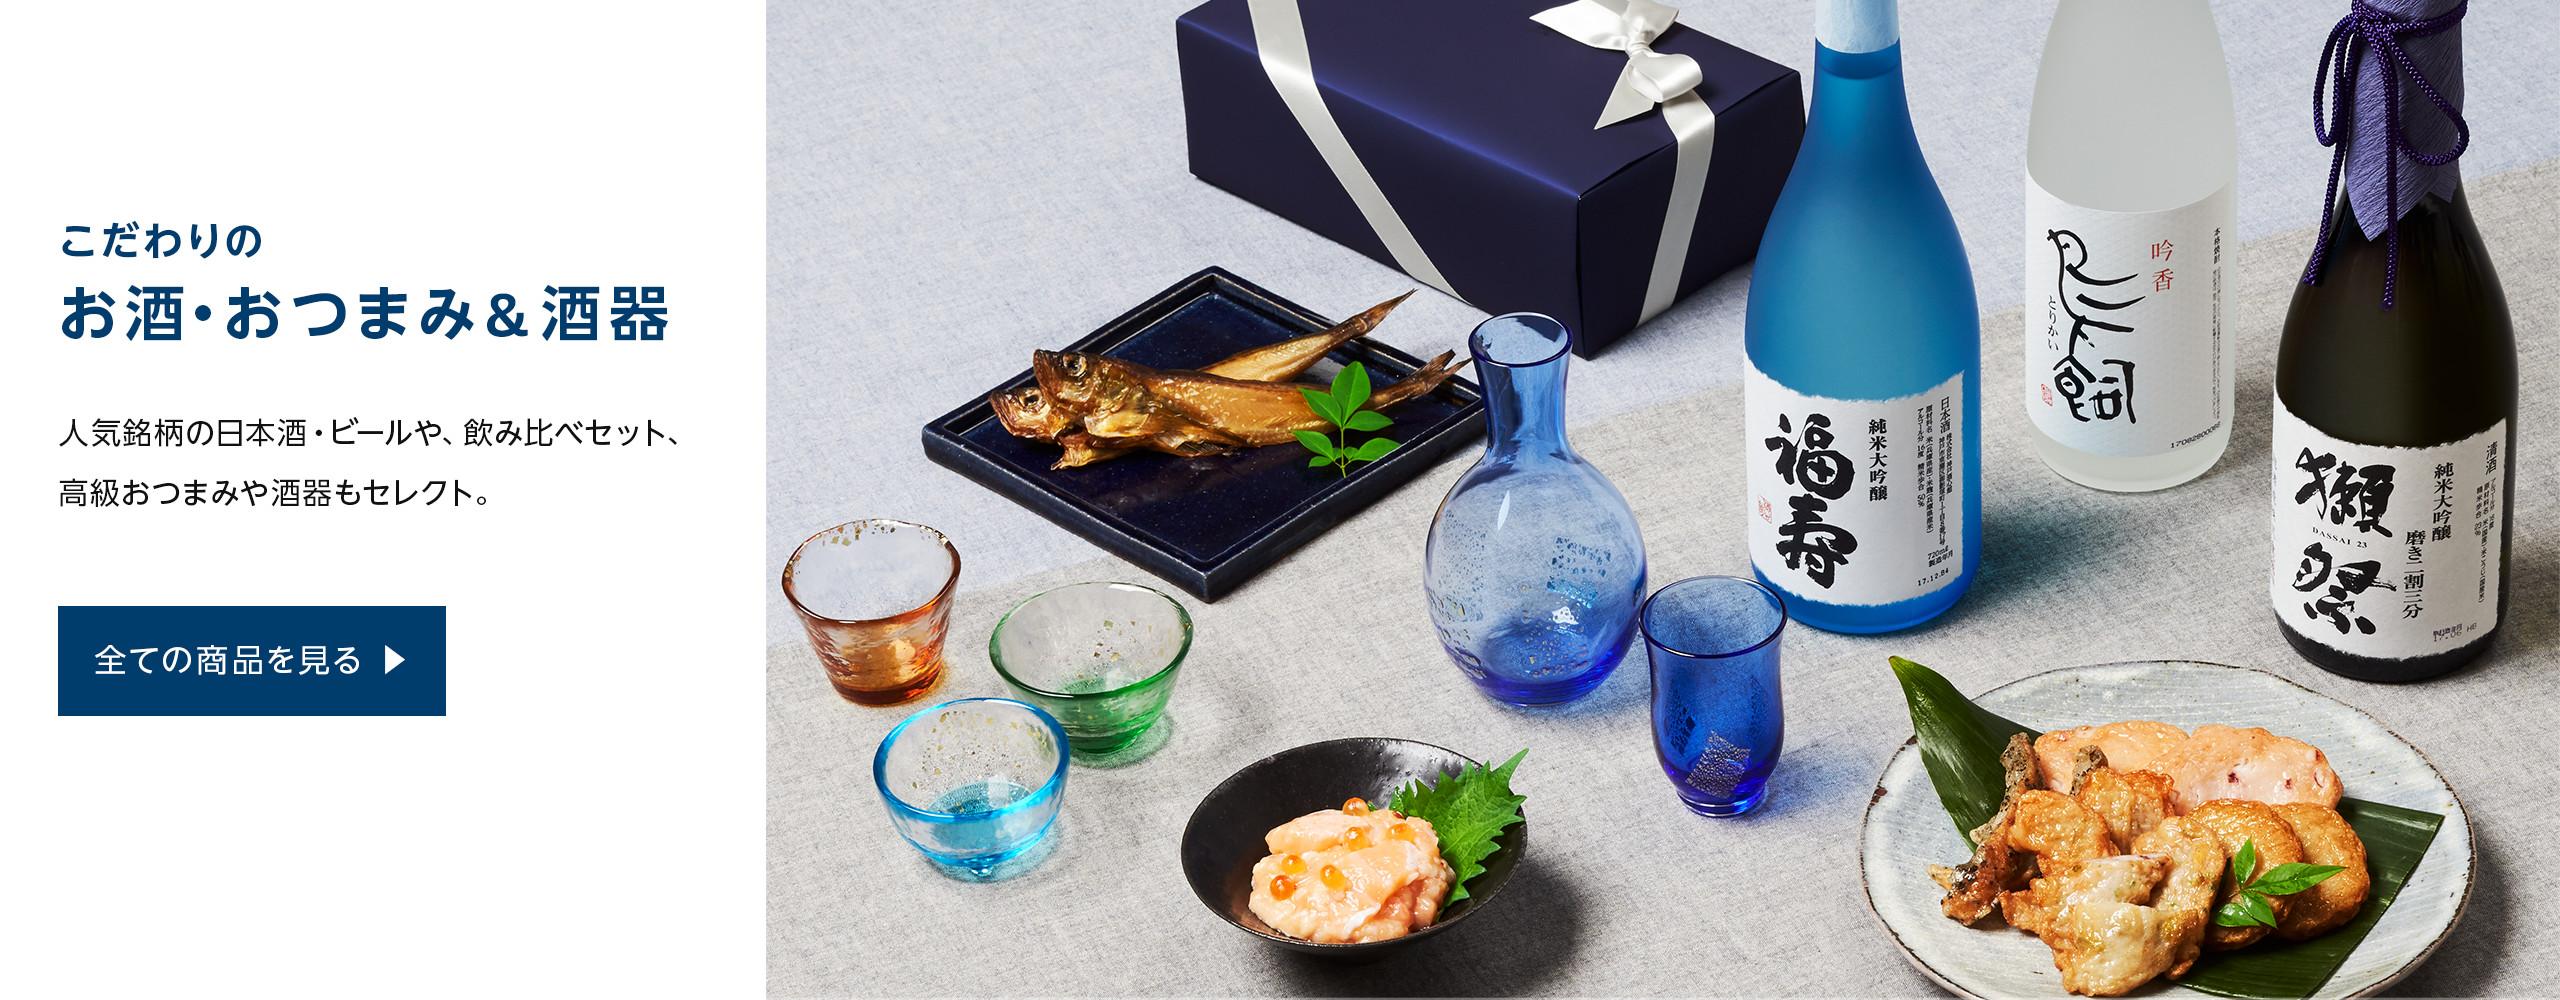 こだわりの酒・おつまみ・酒器 人気銘柄の日本酒・ビールや、飲み比べセット、高級おつまみや酒器もセレクト